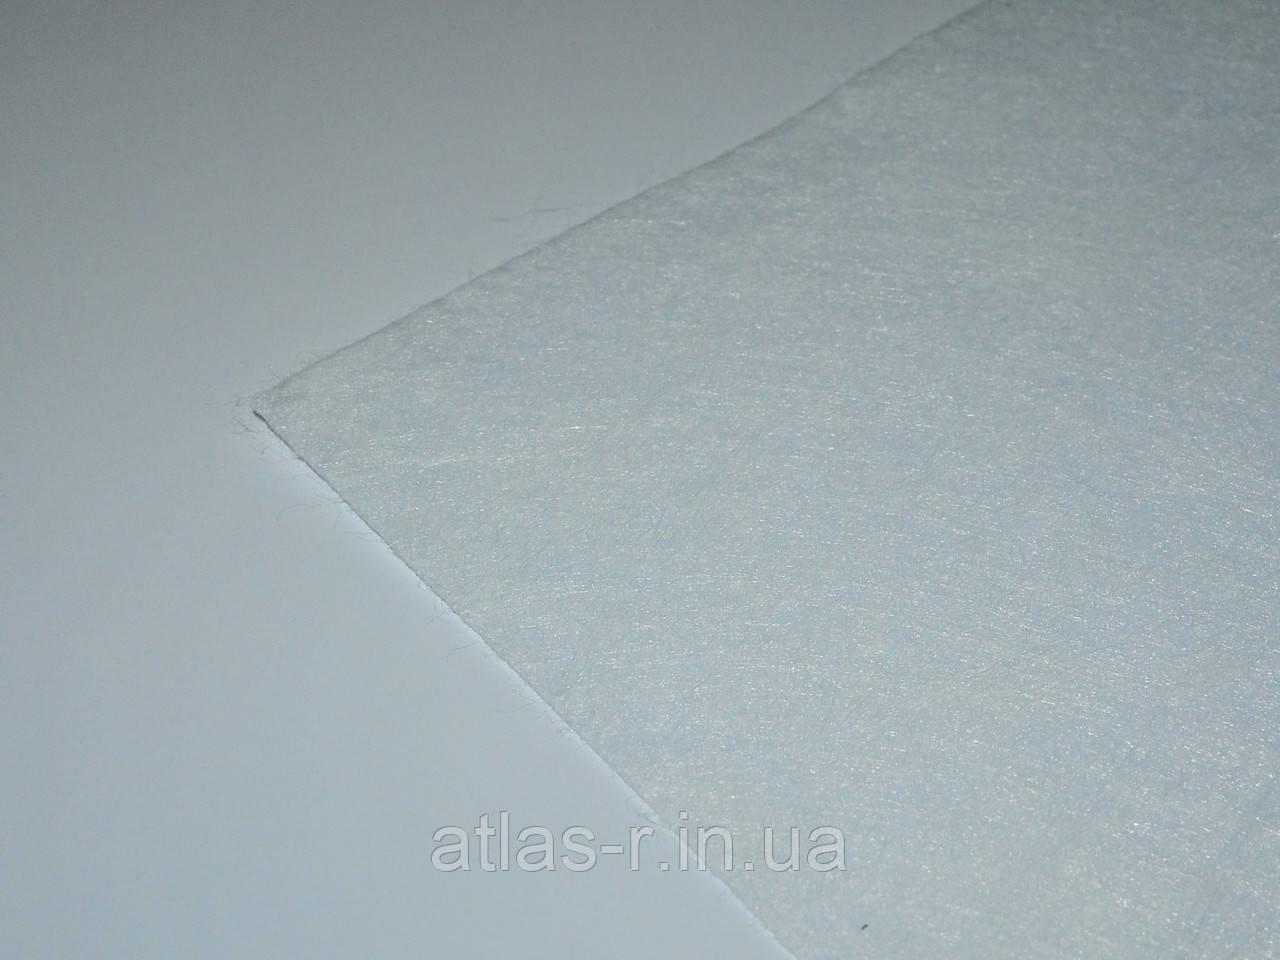 Жесткий фетр для рукоделия белый листовой 1,3 мм